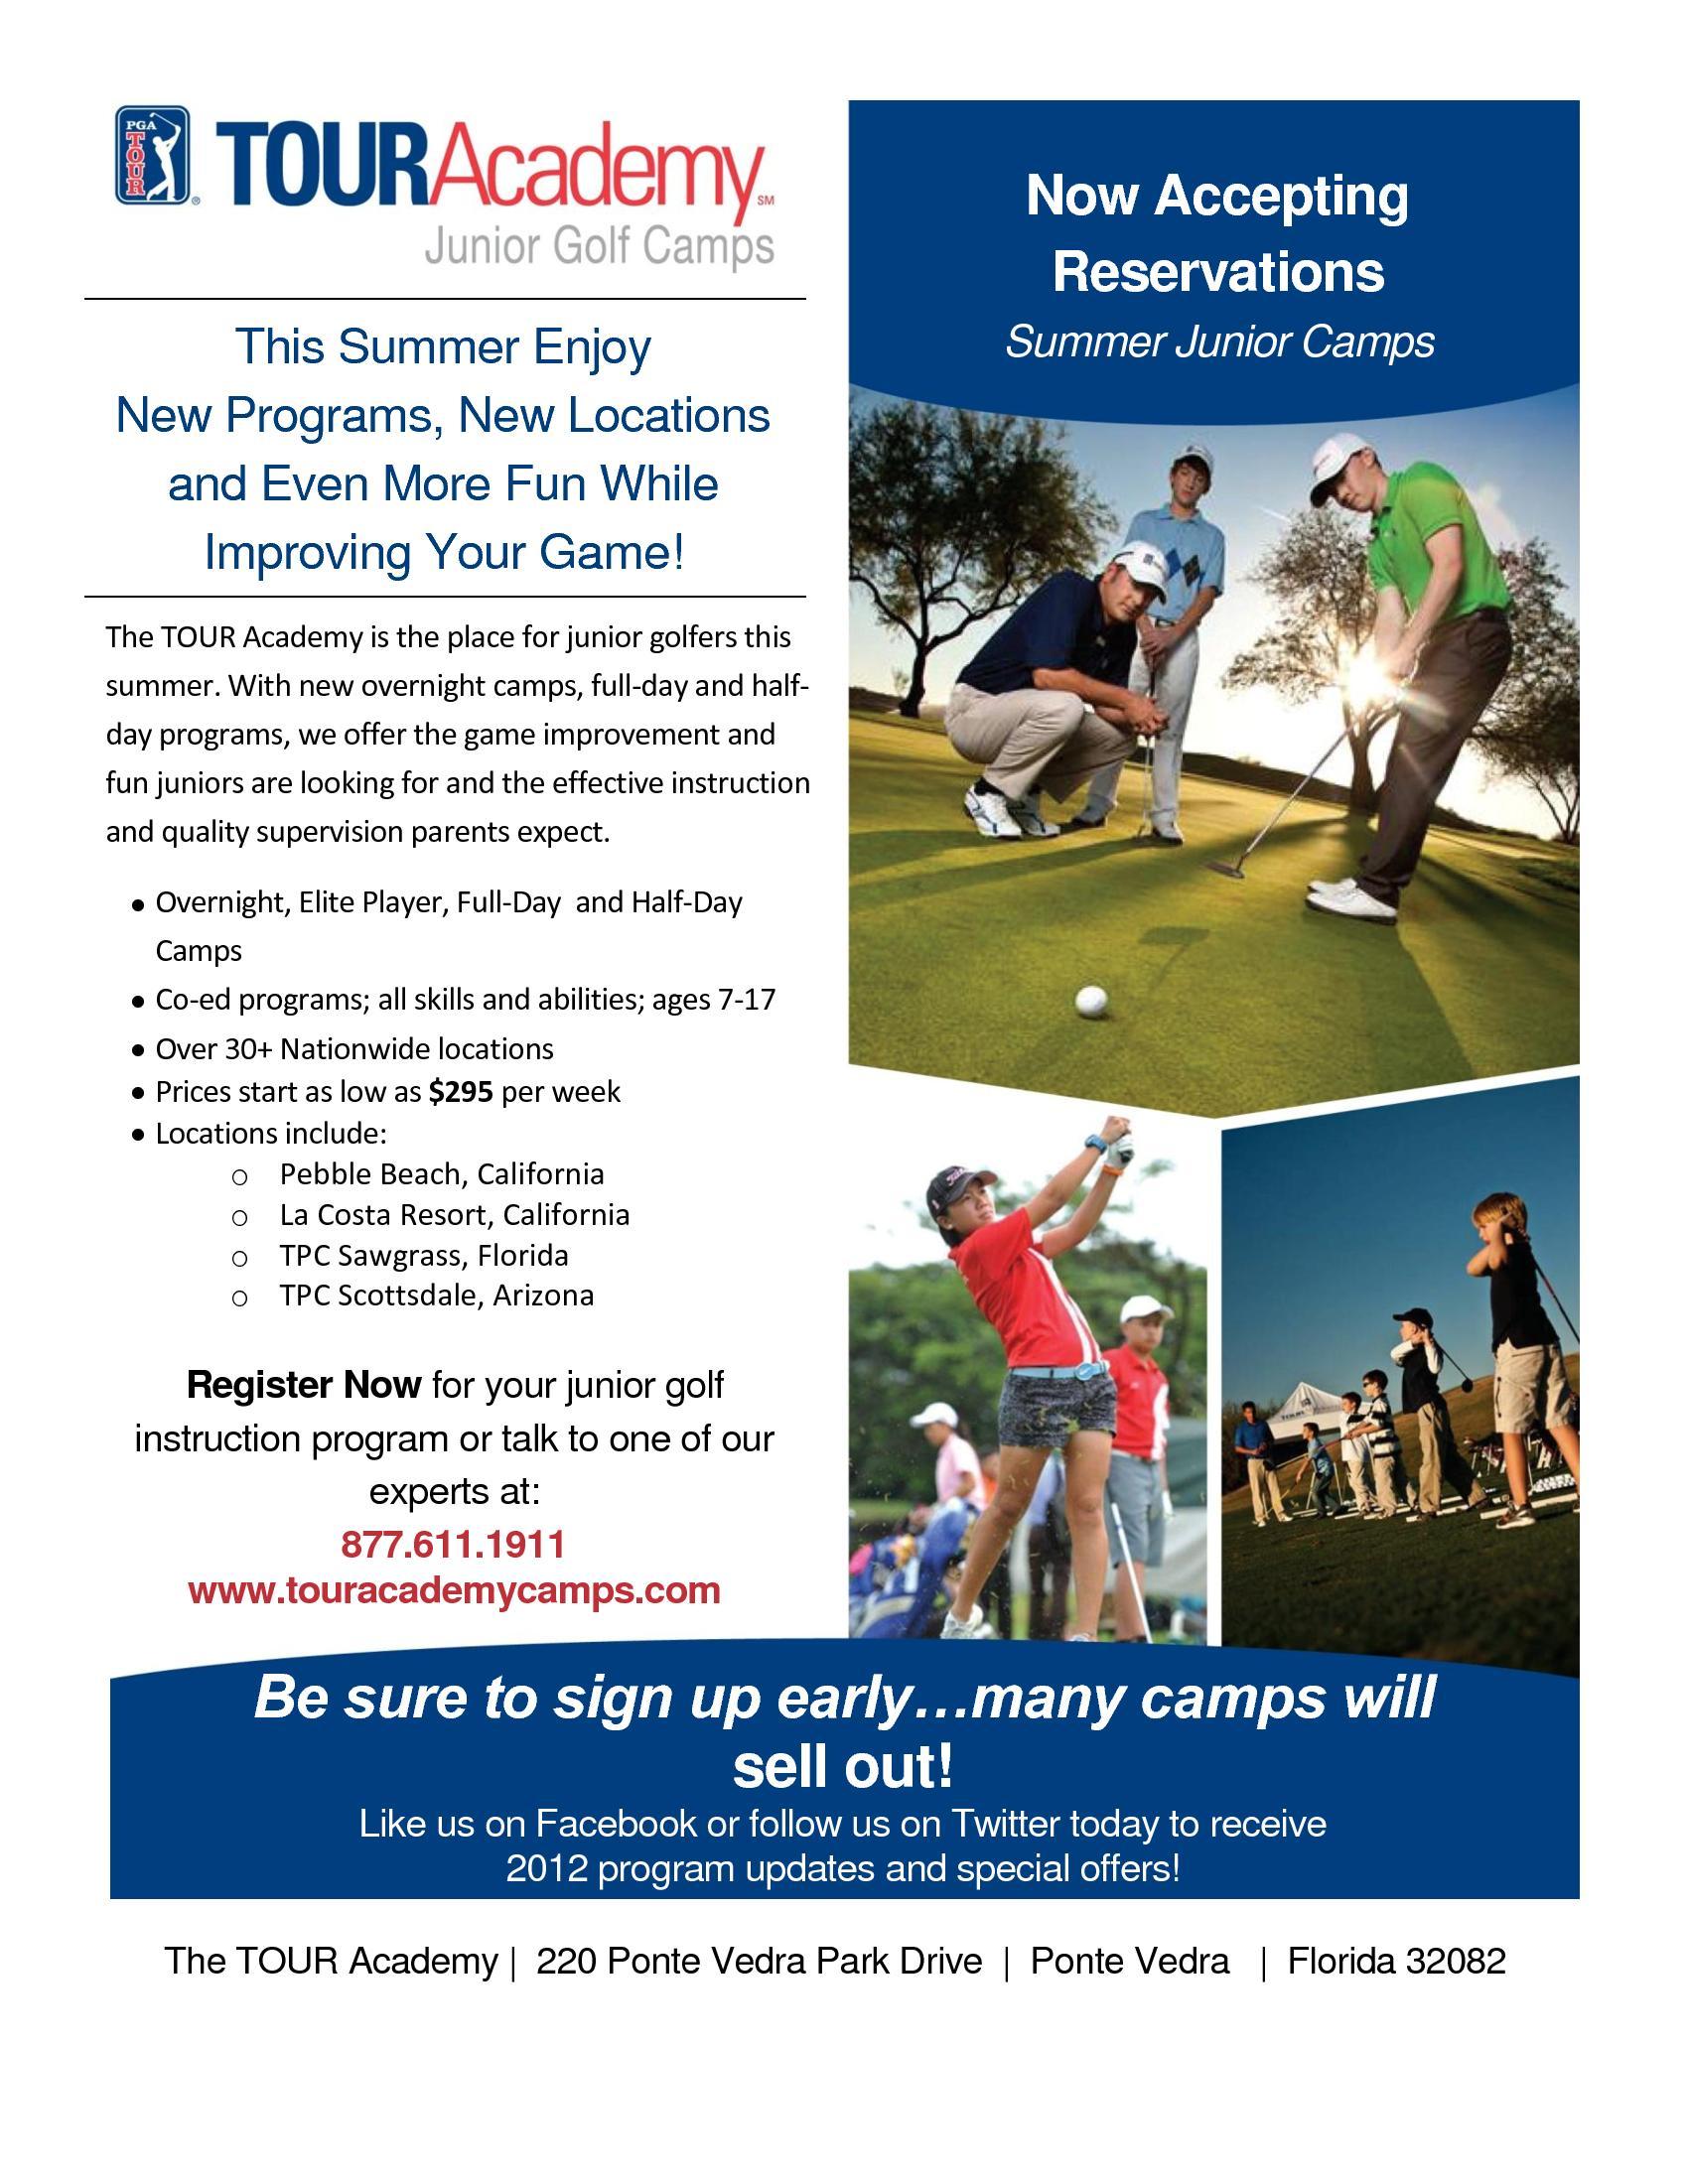 Tour Academy Junior Golf Camps